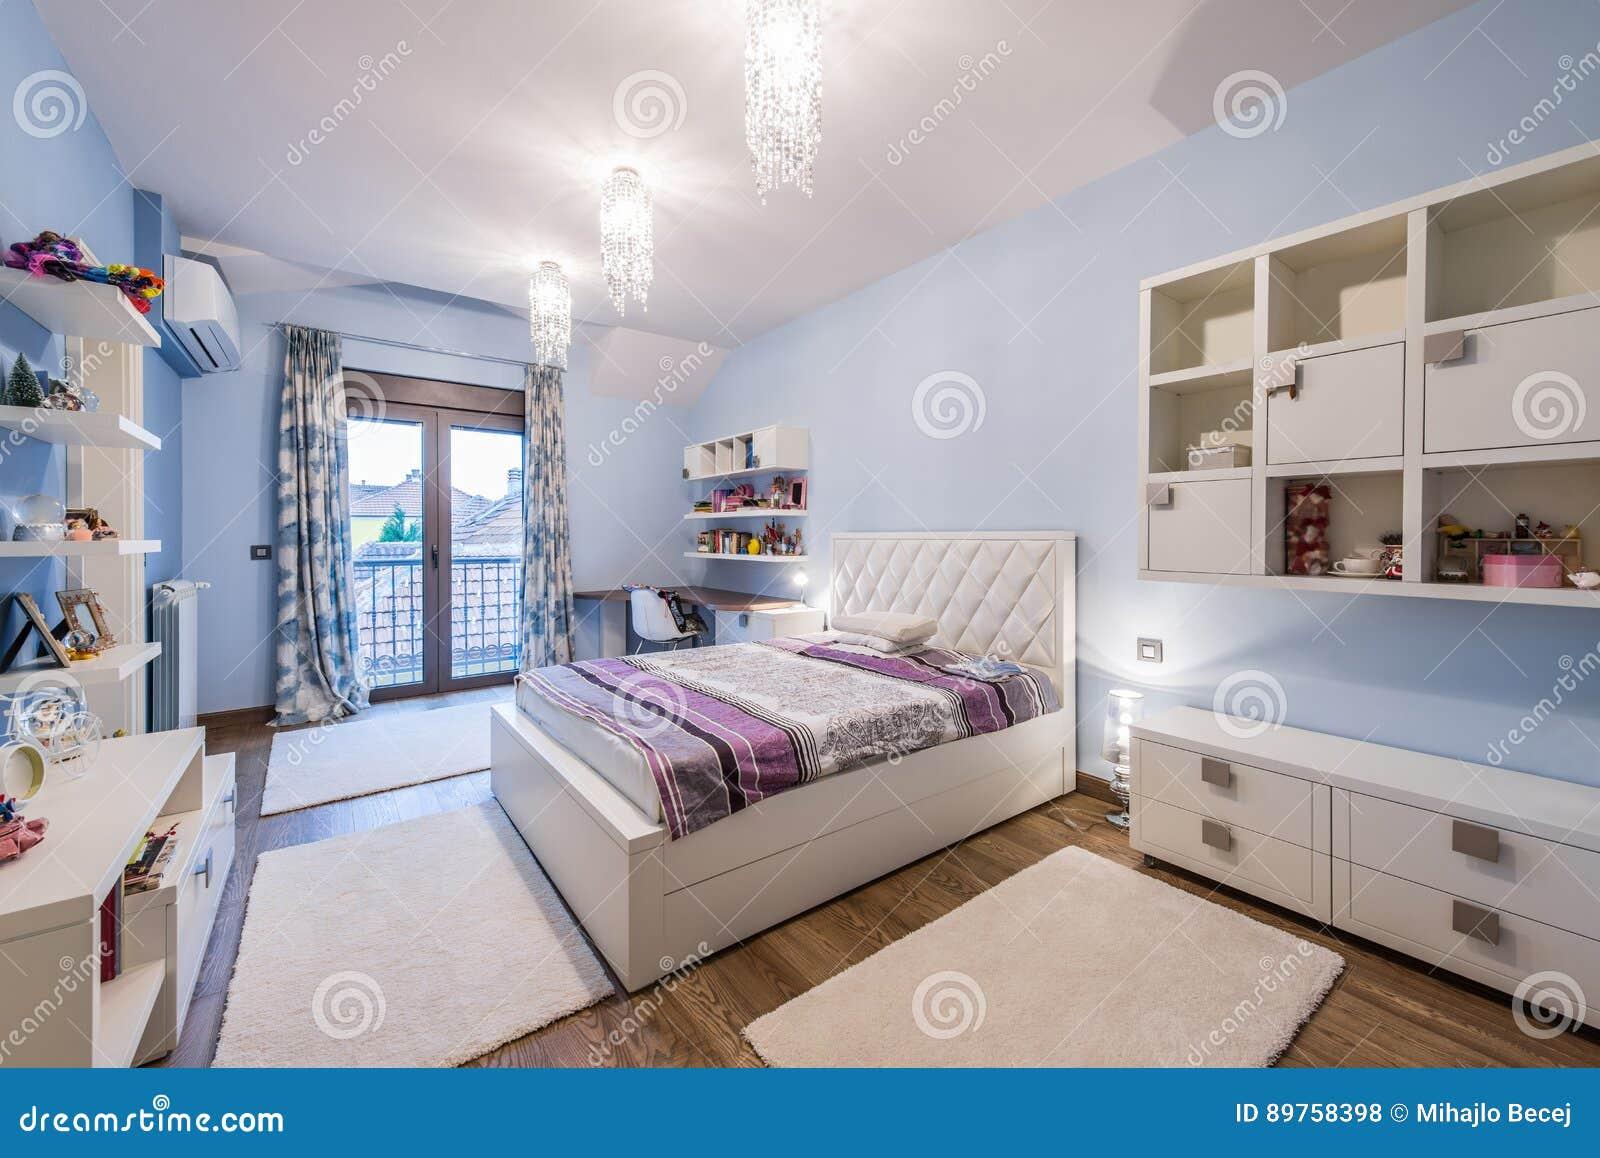 Interno adolescente moderno della camera da letto for Pavimento interno moderno